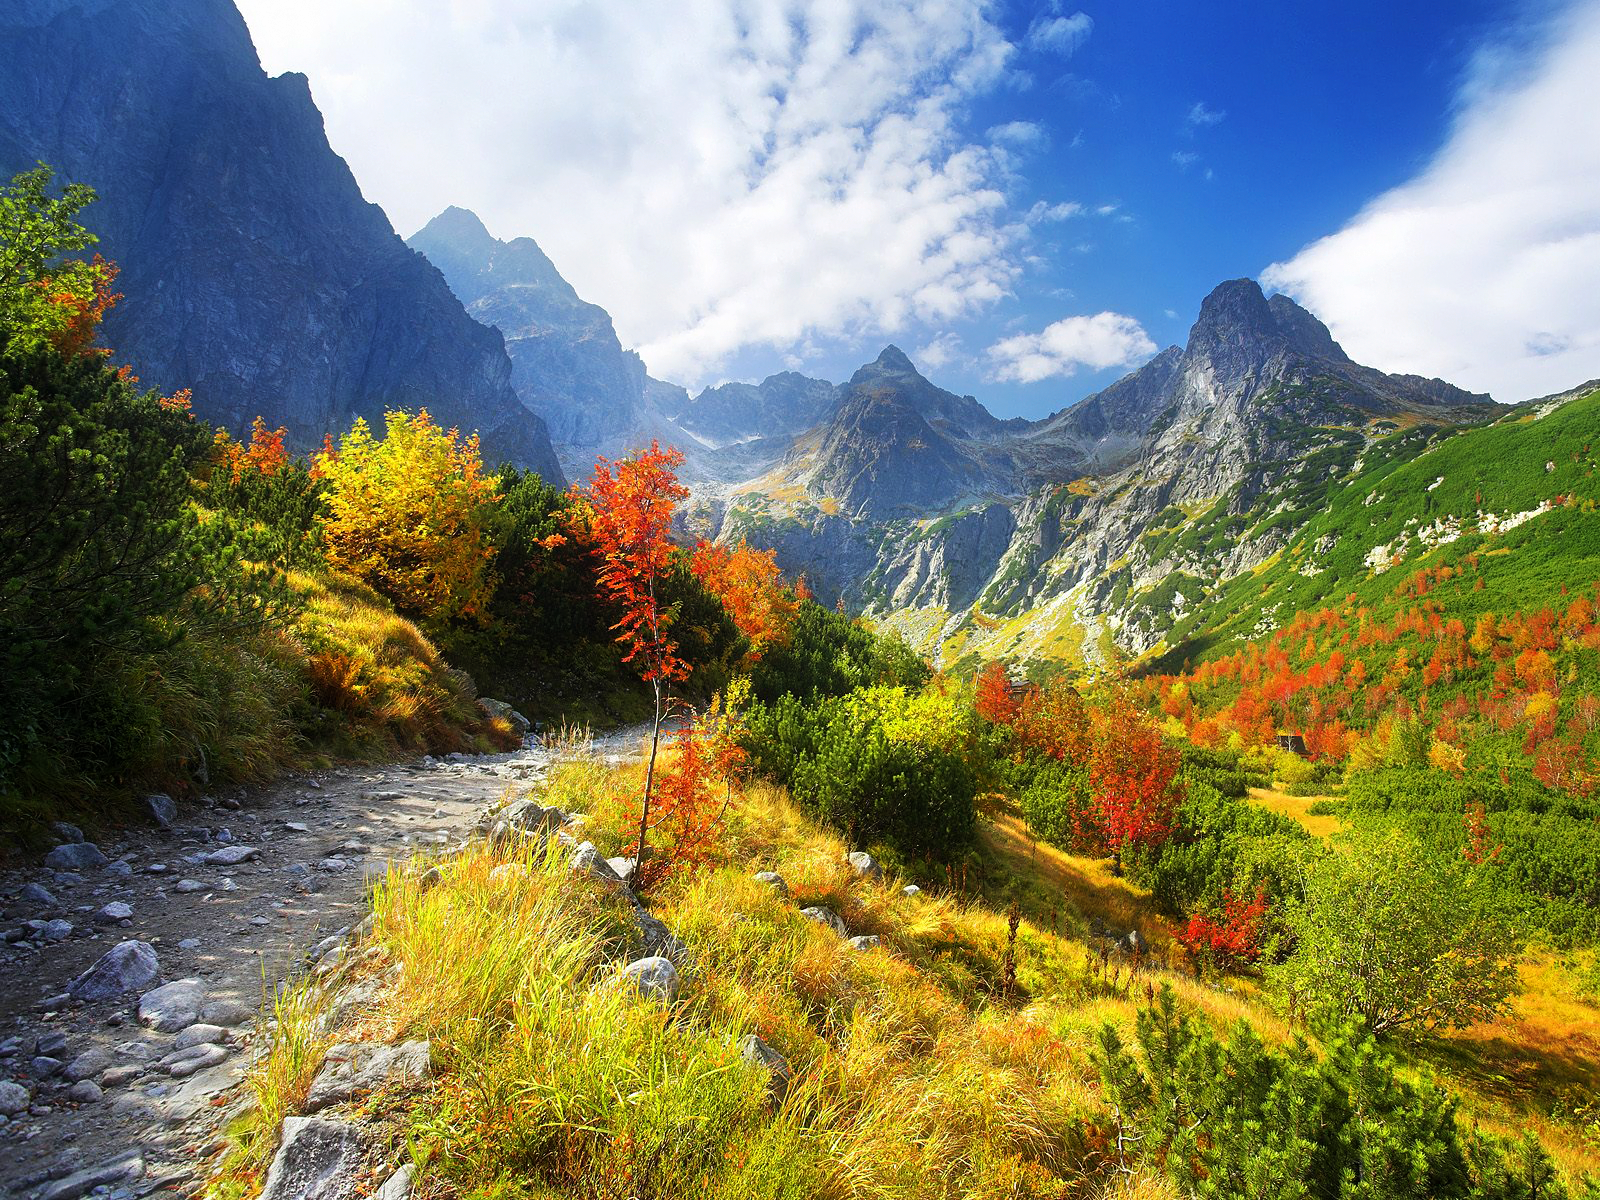 Autumn Mountain Wallpapers Widescreen - Scerbos com